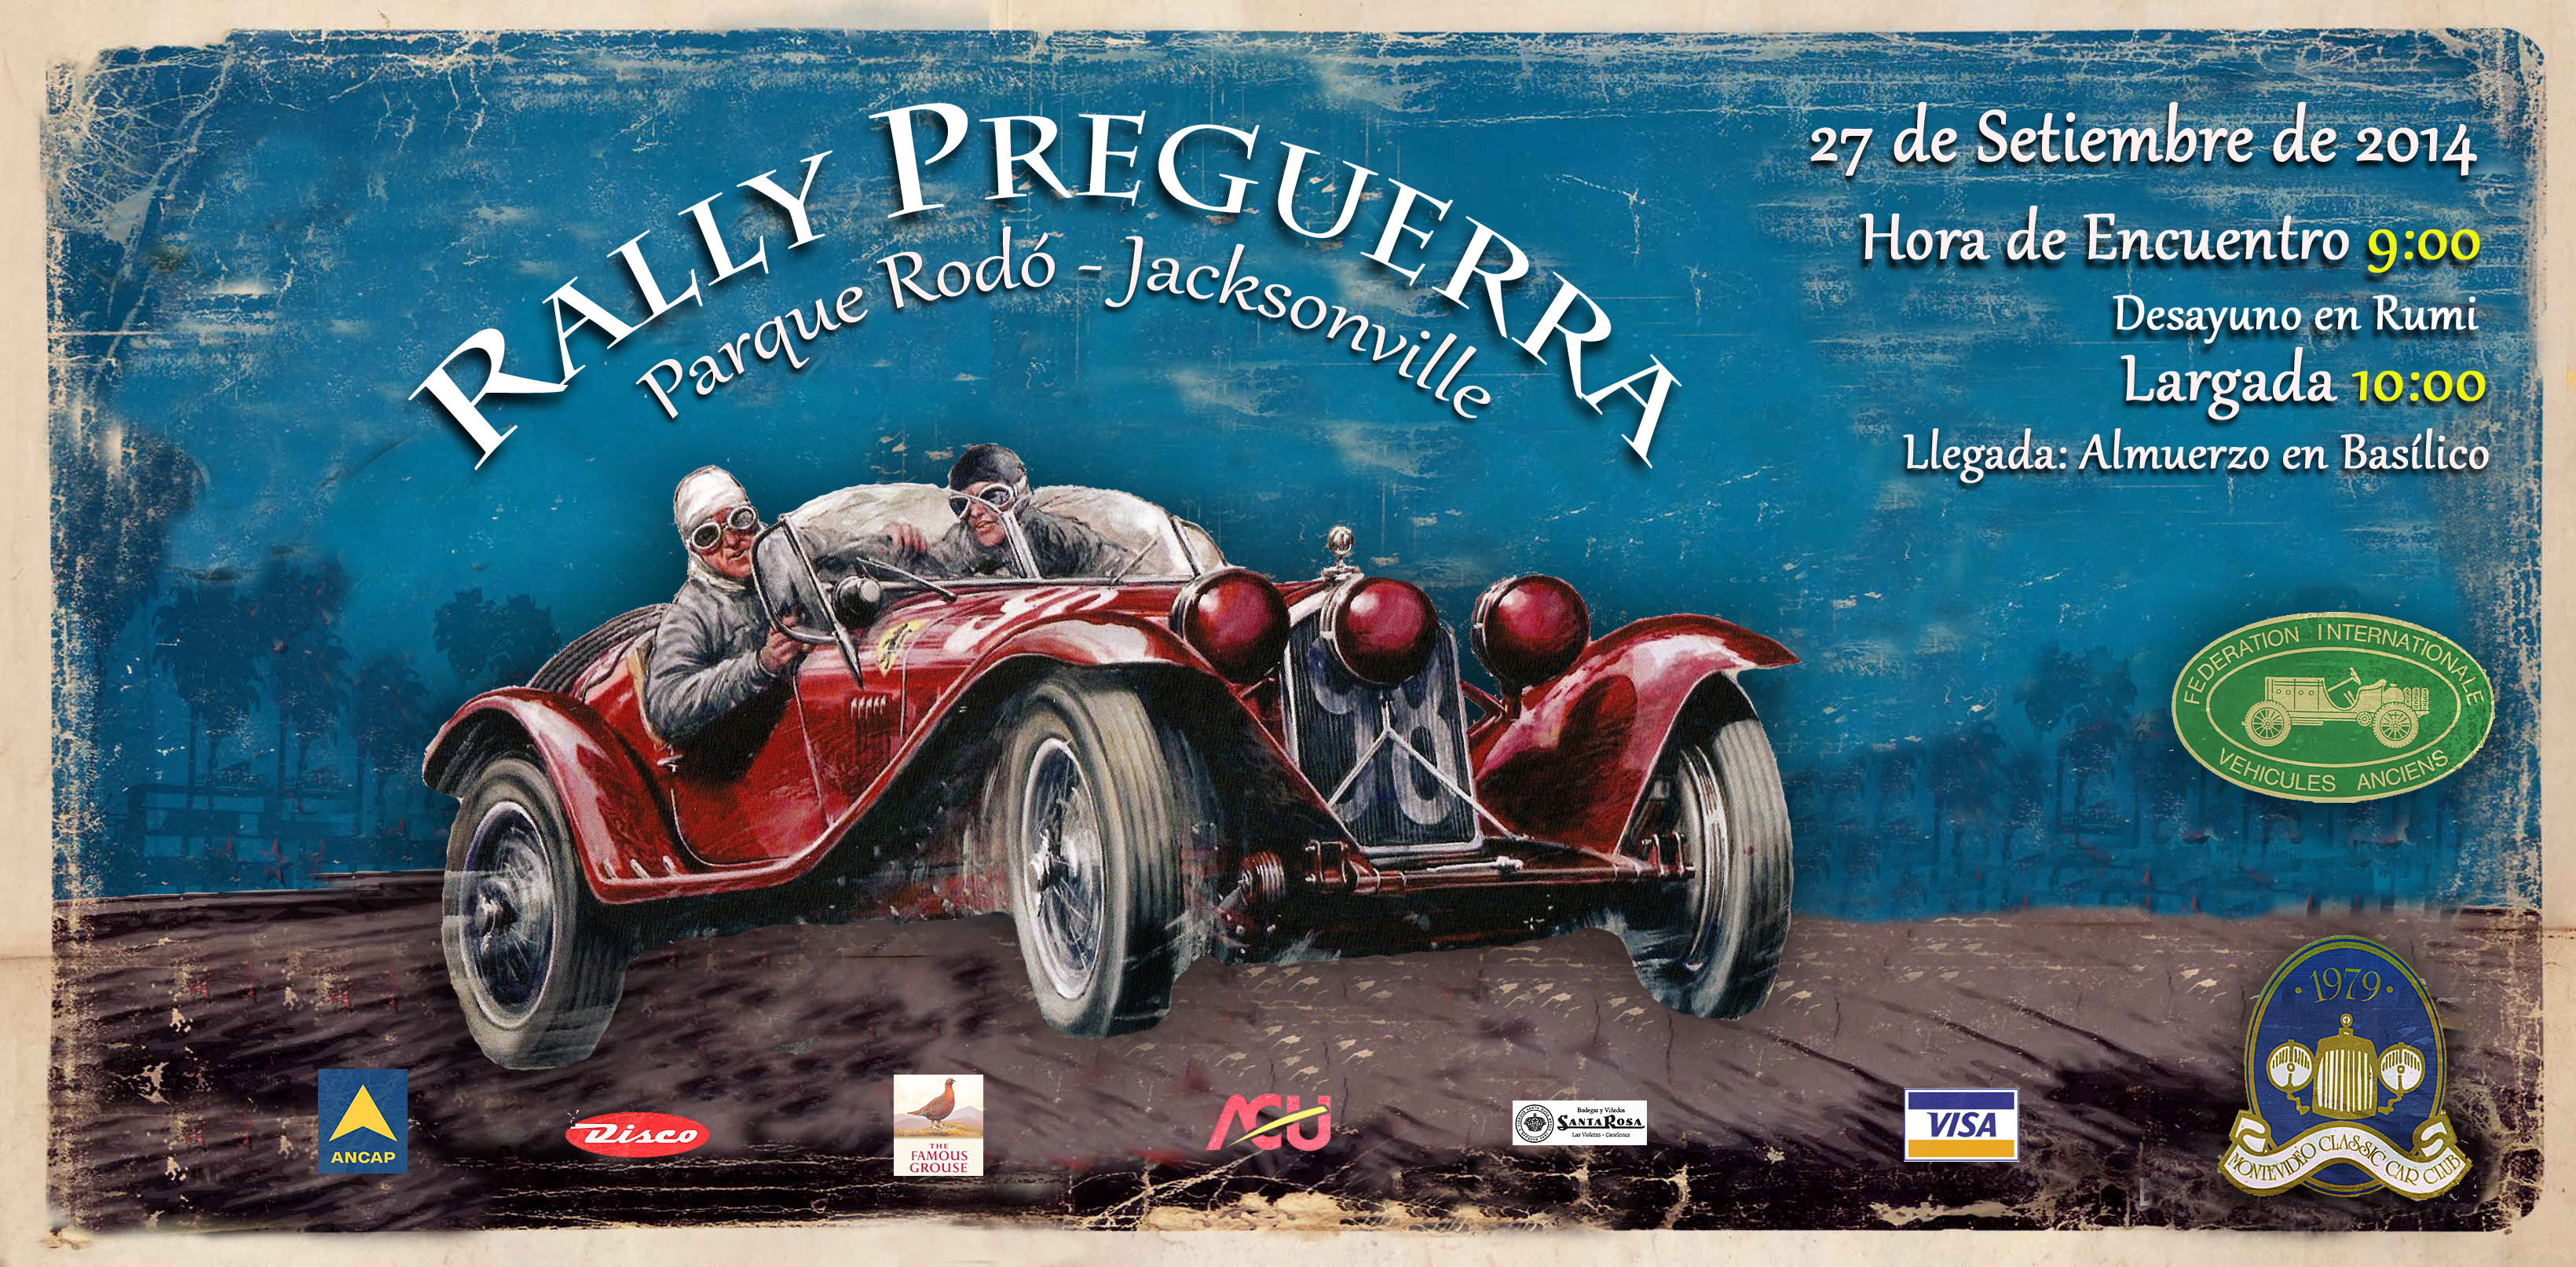 2014 - Rally Preguerra.jpg